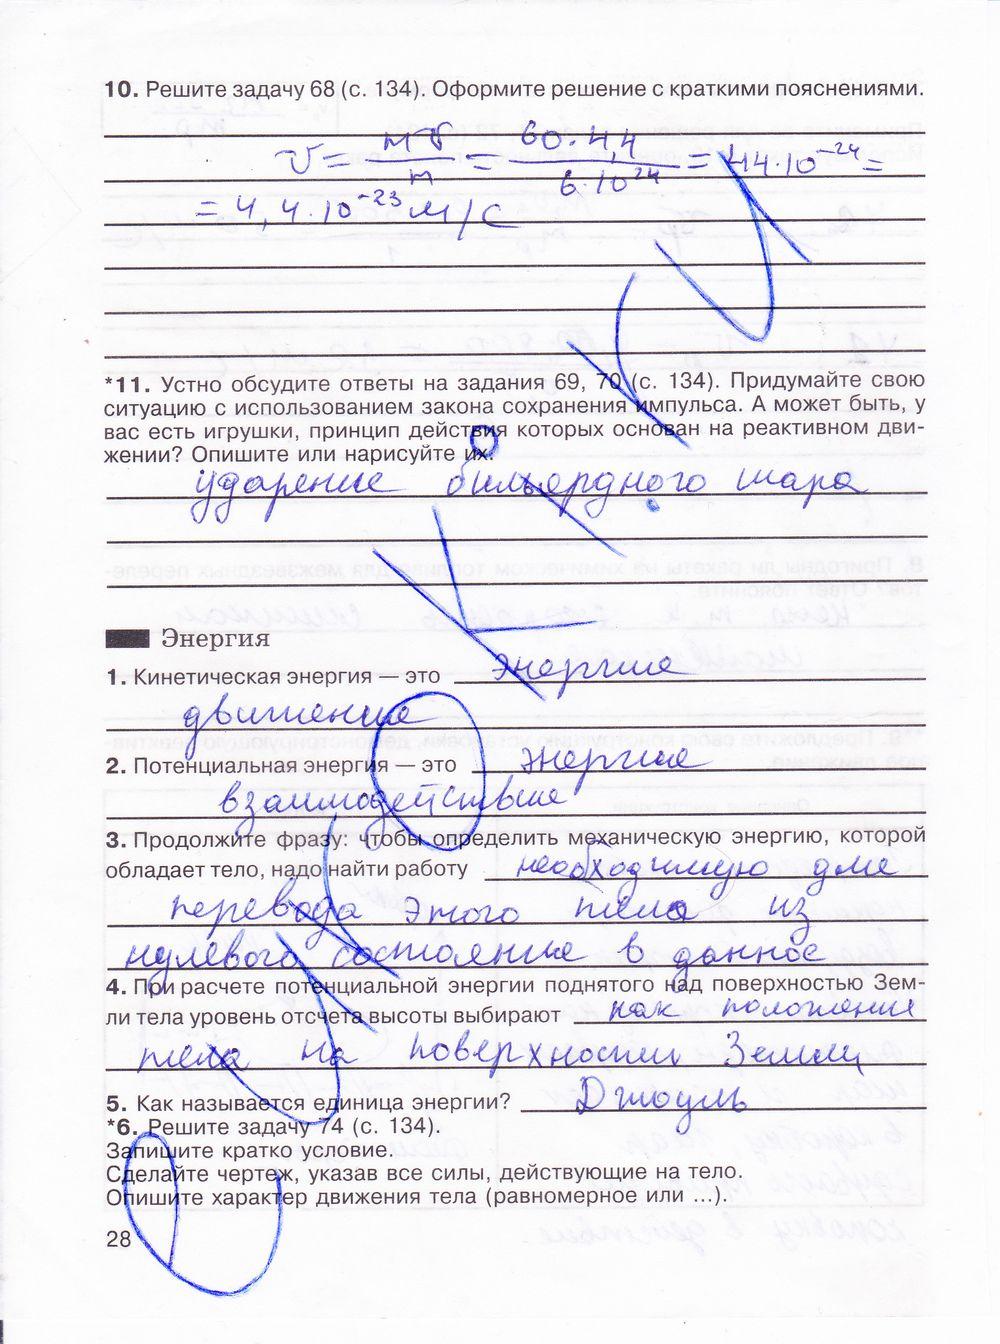 Ответы для практических работ по географии 9 класс стадник сиротенко довгань